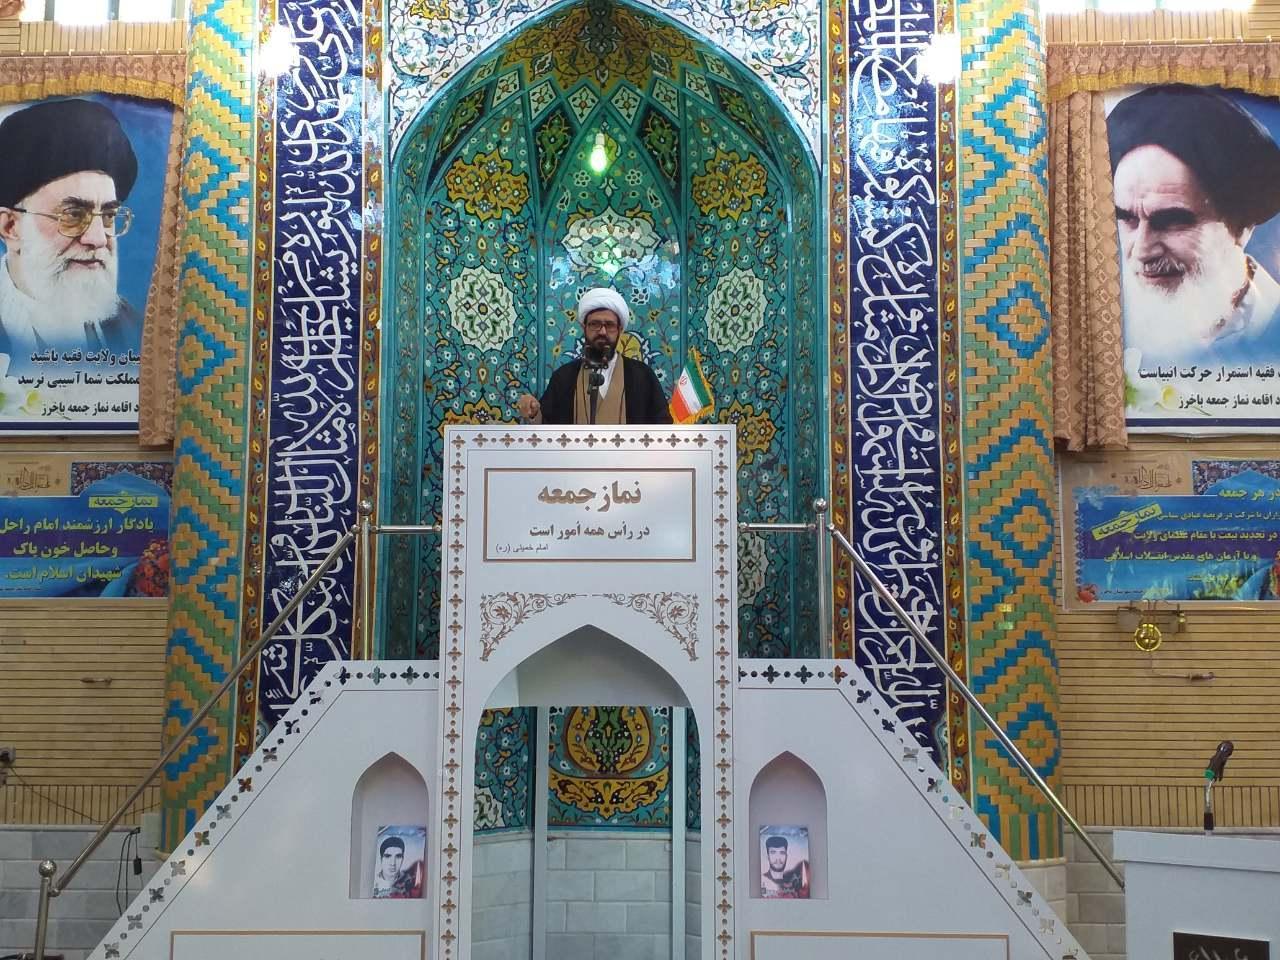 امامجمعه باخرز: اگر کاندیدایی در حد یک رئیس جمهور قول میدهد یعنی تبلیغات دروغ